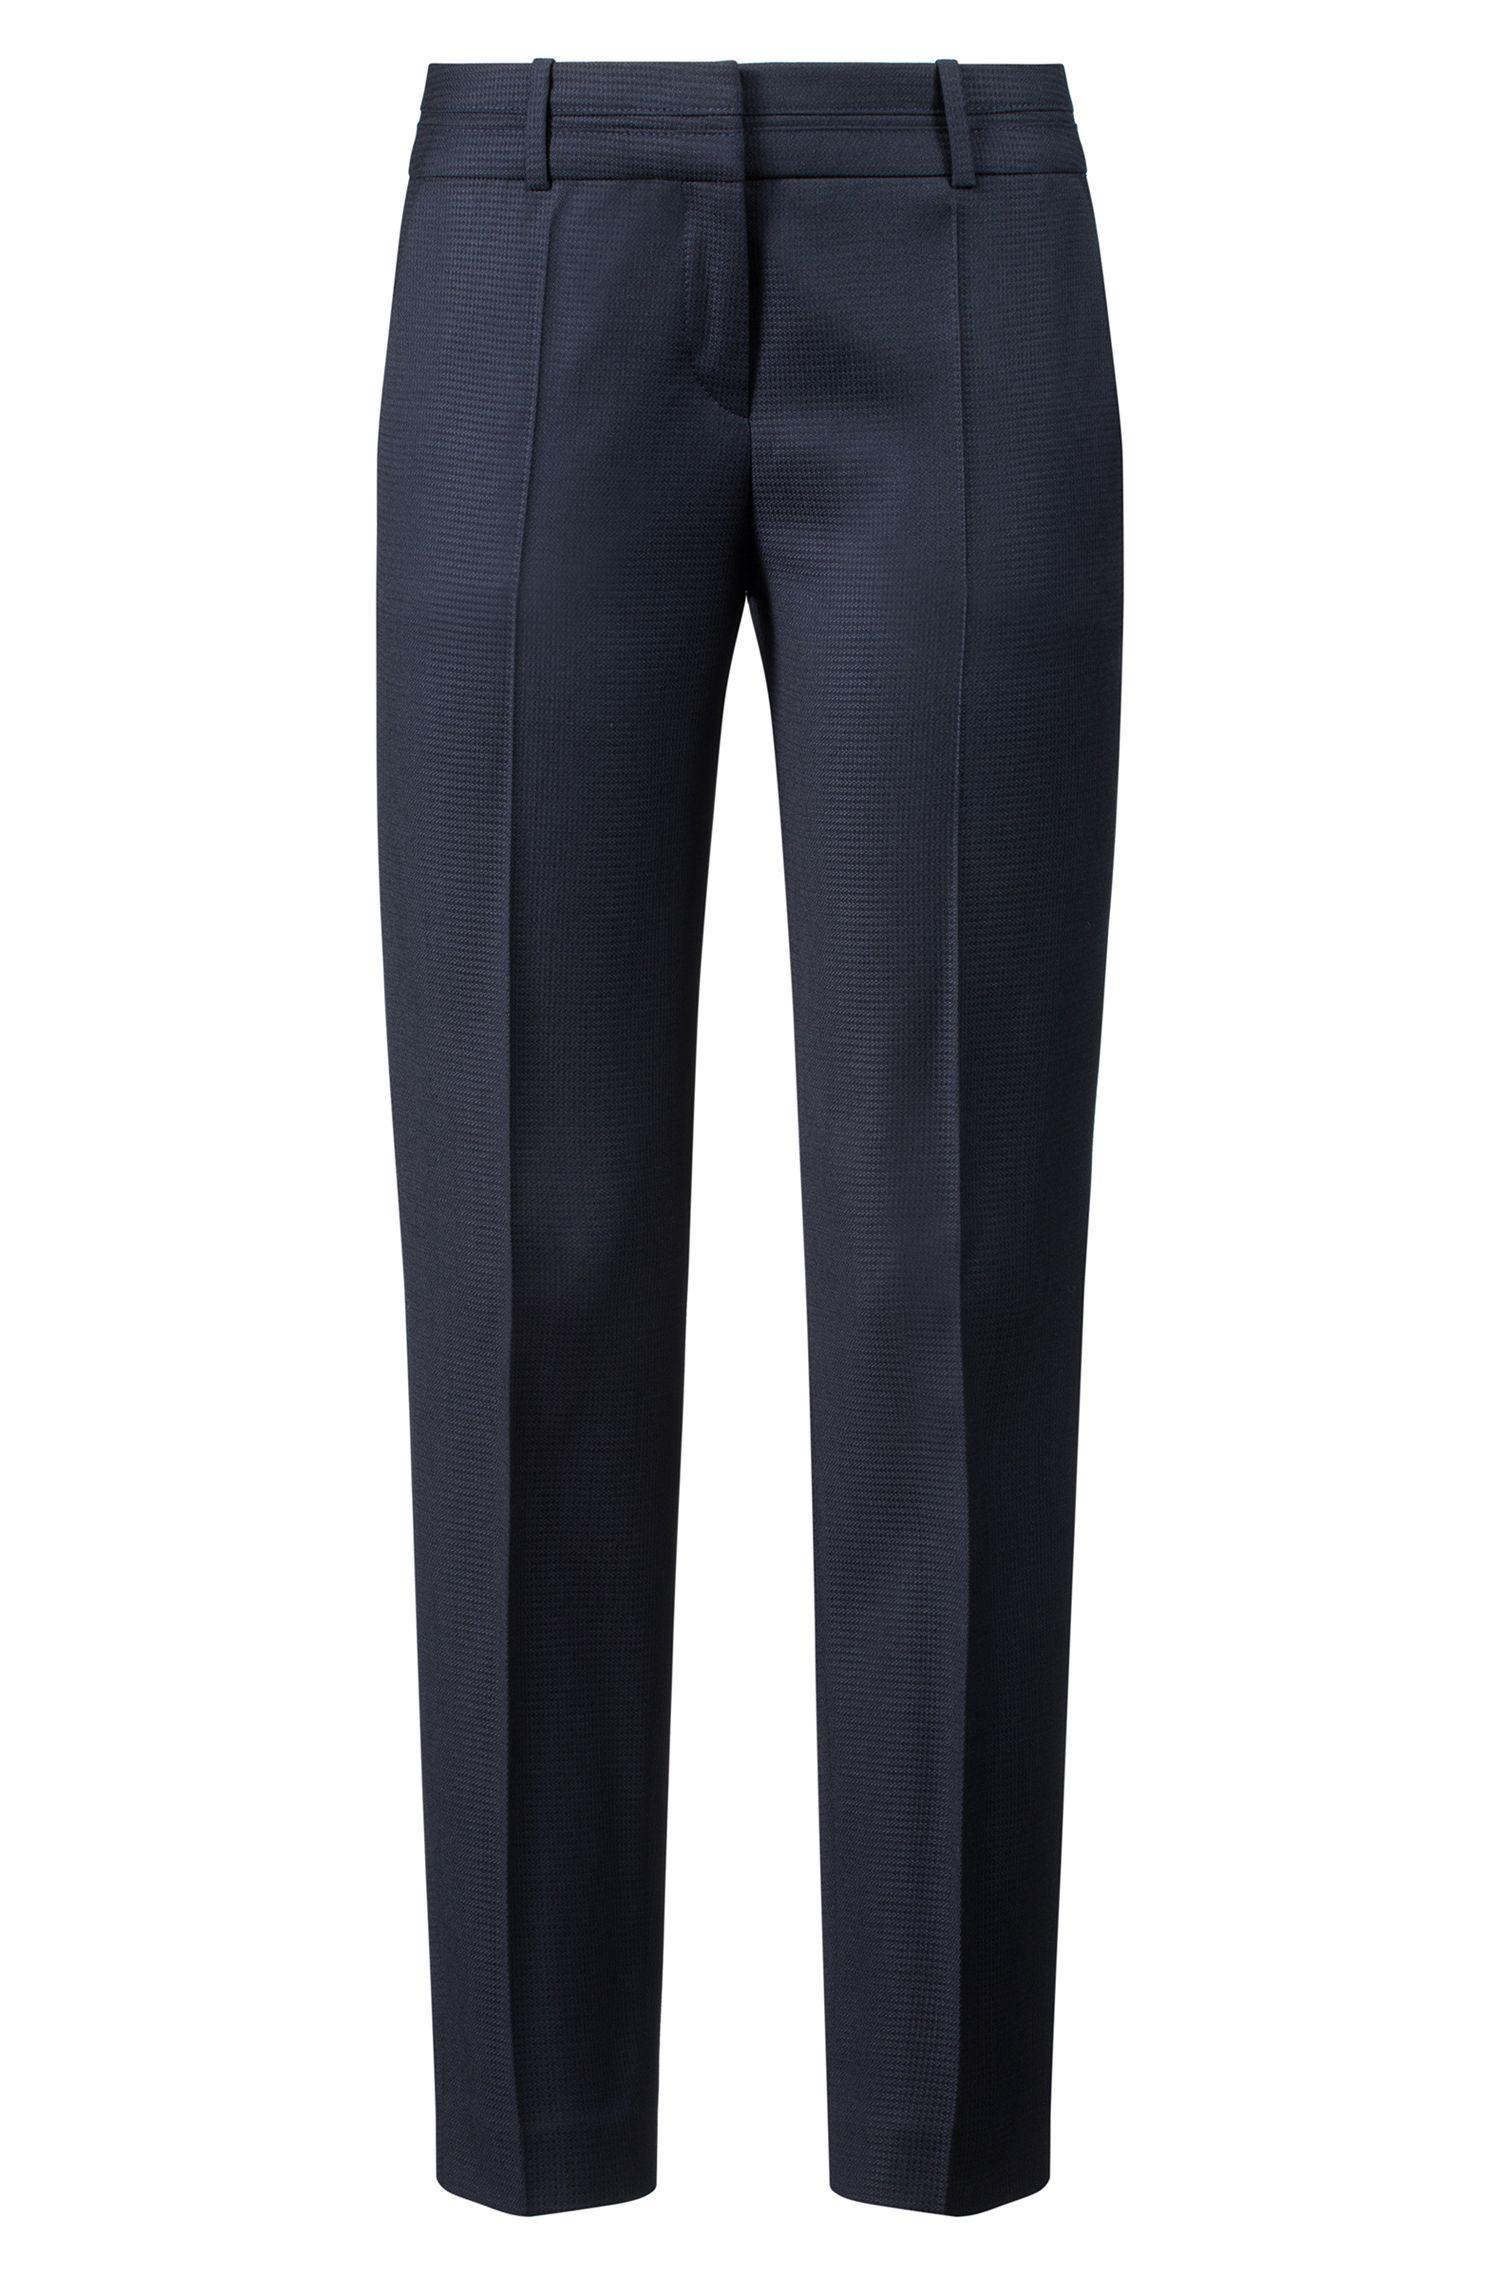 Pantalon Slim Fit en laine vierge structurée, Bleu foncé